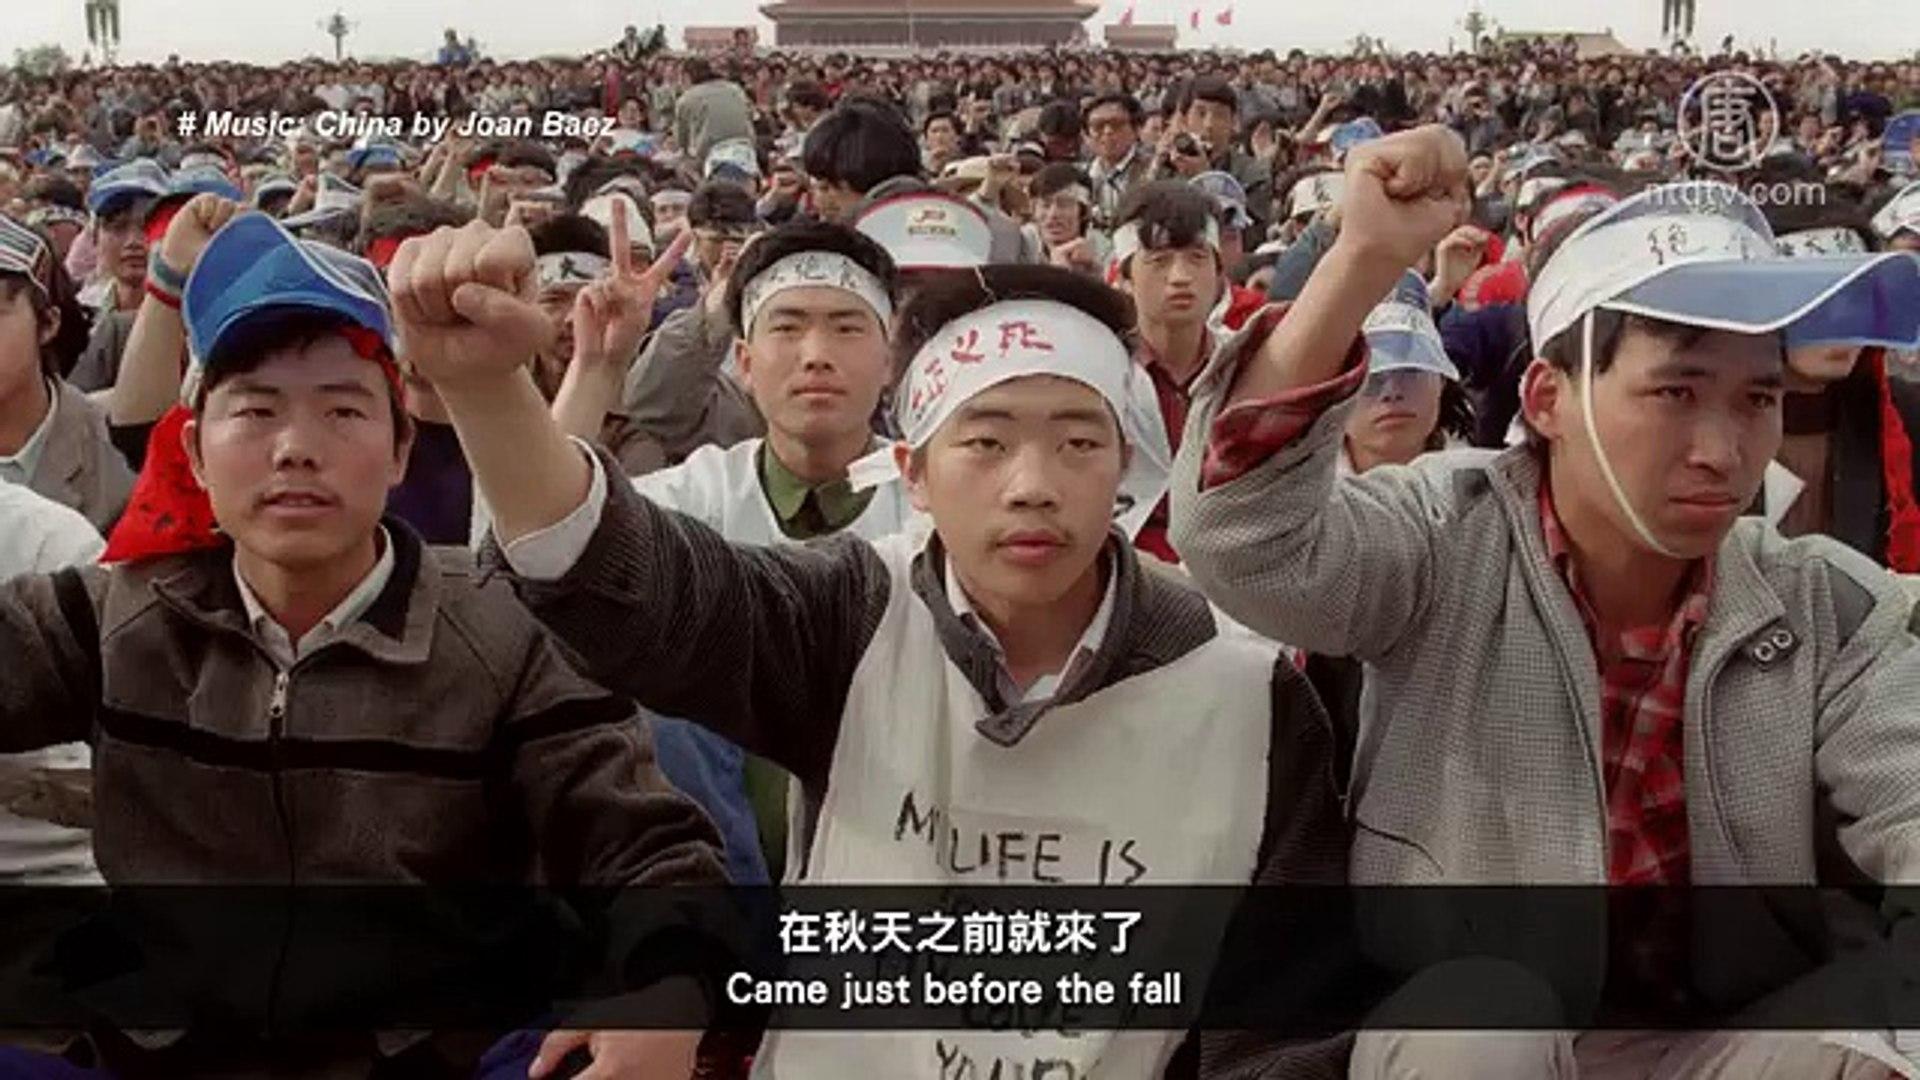 王丹六四25週年感言:堅持的三個意義│2014.6.3│天安門事件│新唐人電視台